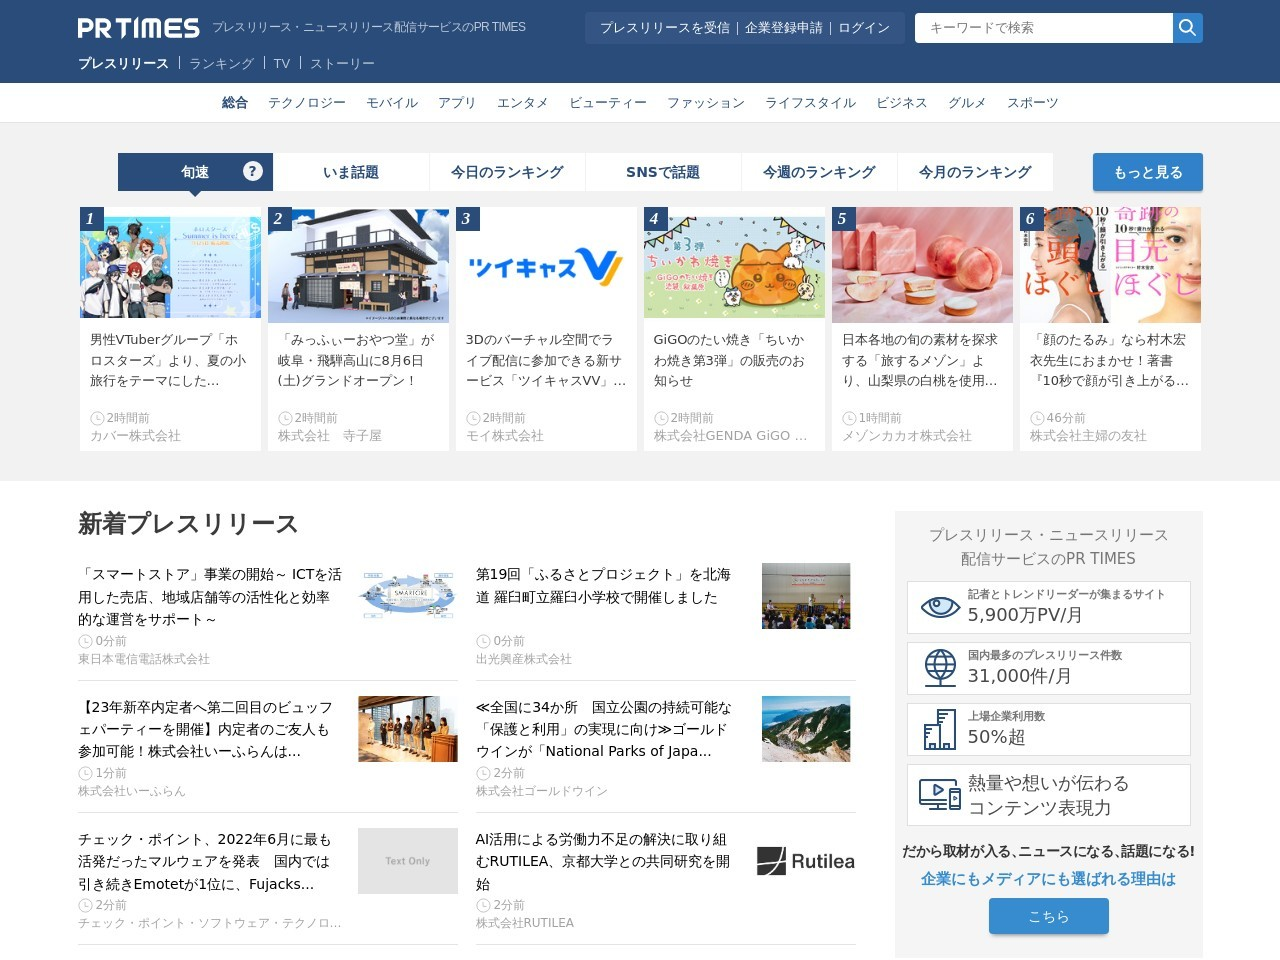 世界23ヶ国 ホテルに関する国際比較調査 第2弾 日本人は世界一「シャワー室に落ちている髪の毛」が …